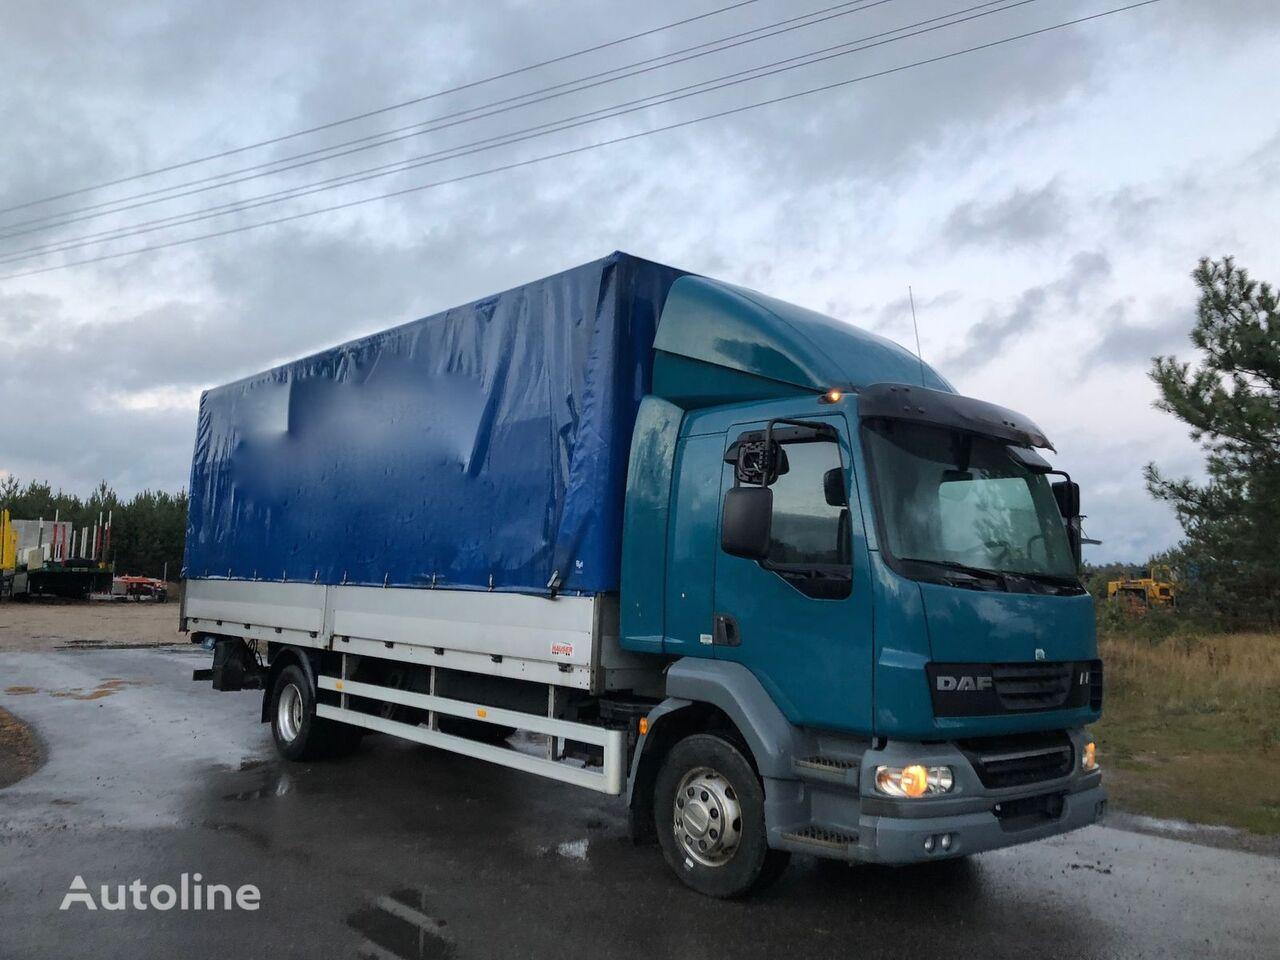 ciężarówka plandeka DAF LF 55.250 KM Euro 5 plandeka z windą Sprowadzony ze Szwajcarii